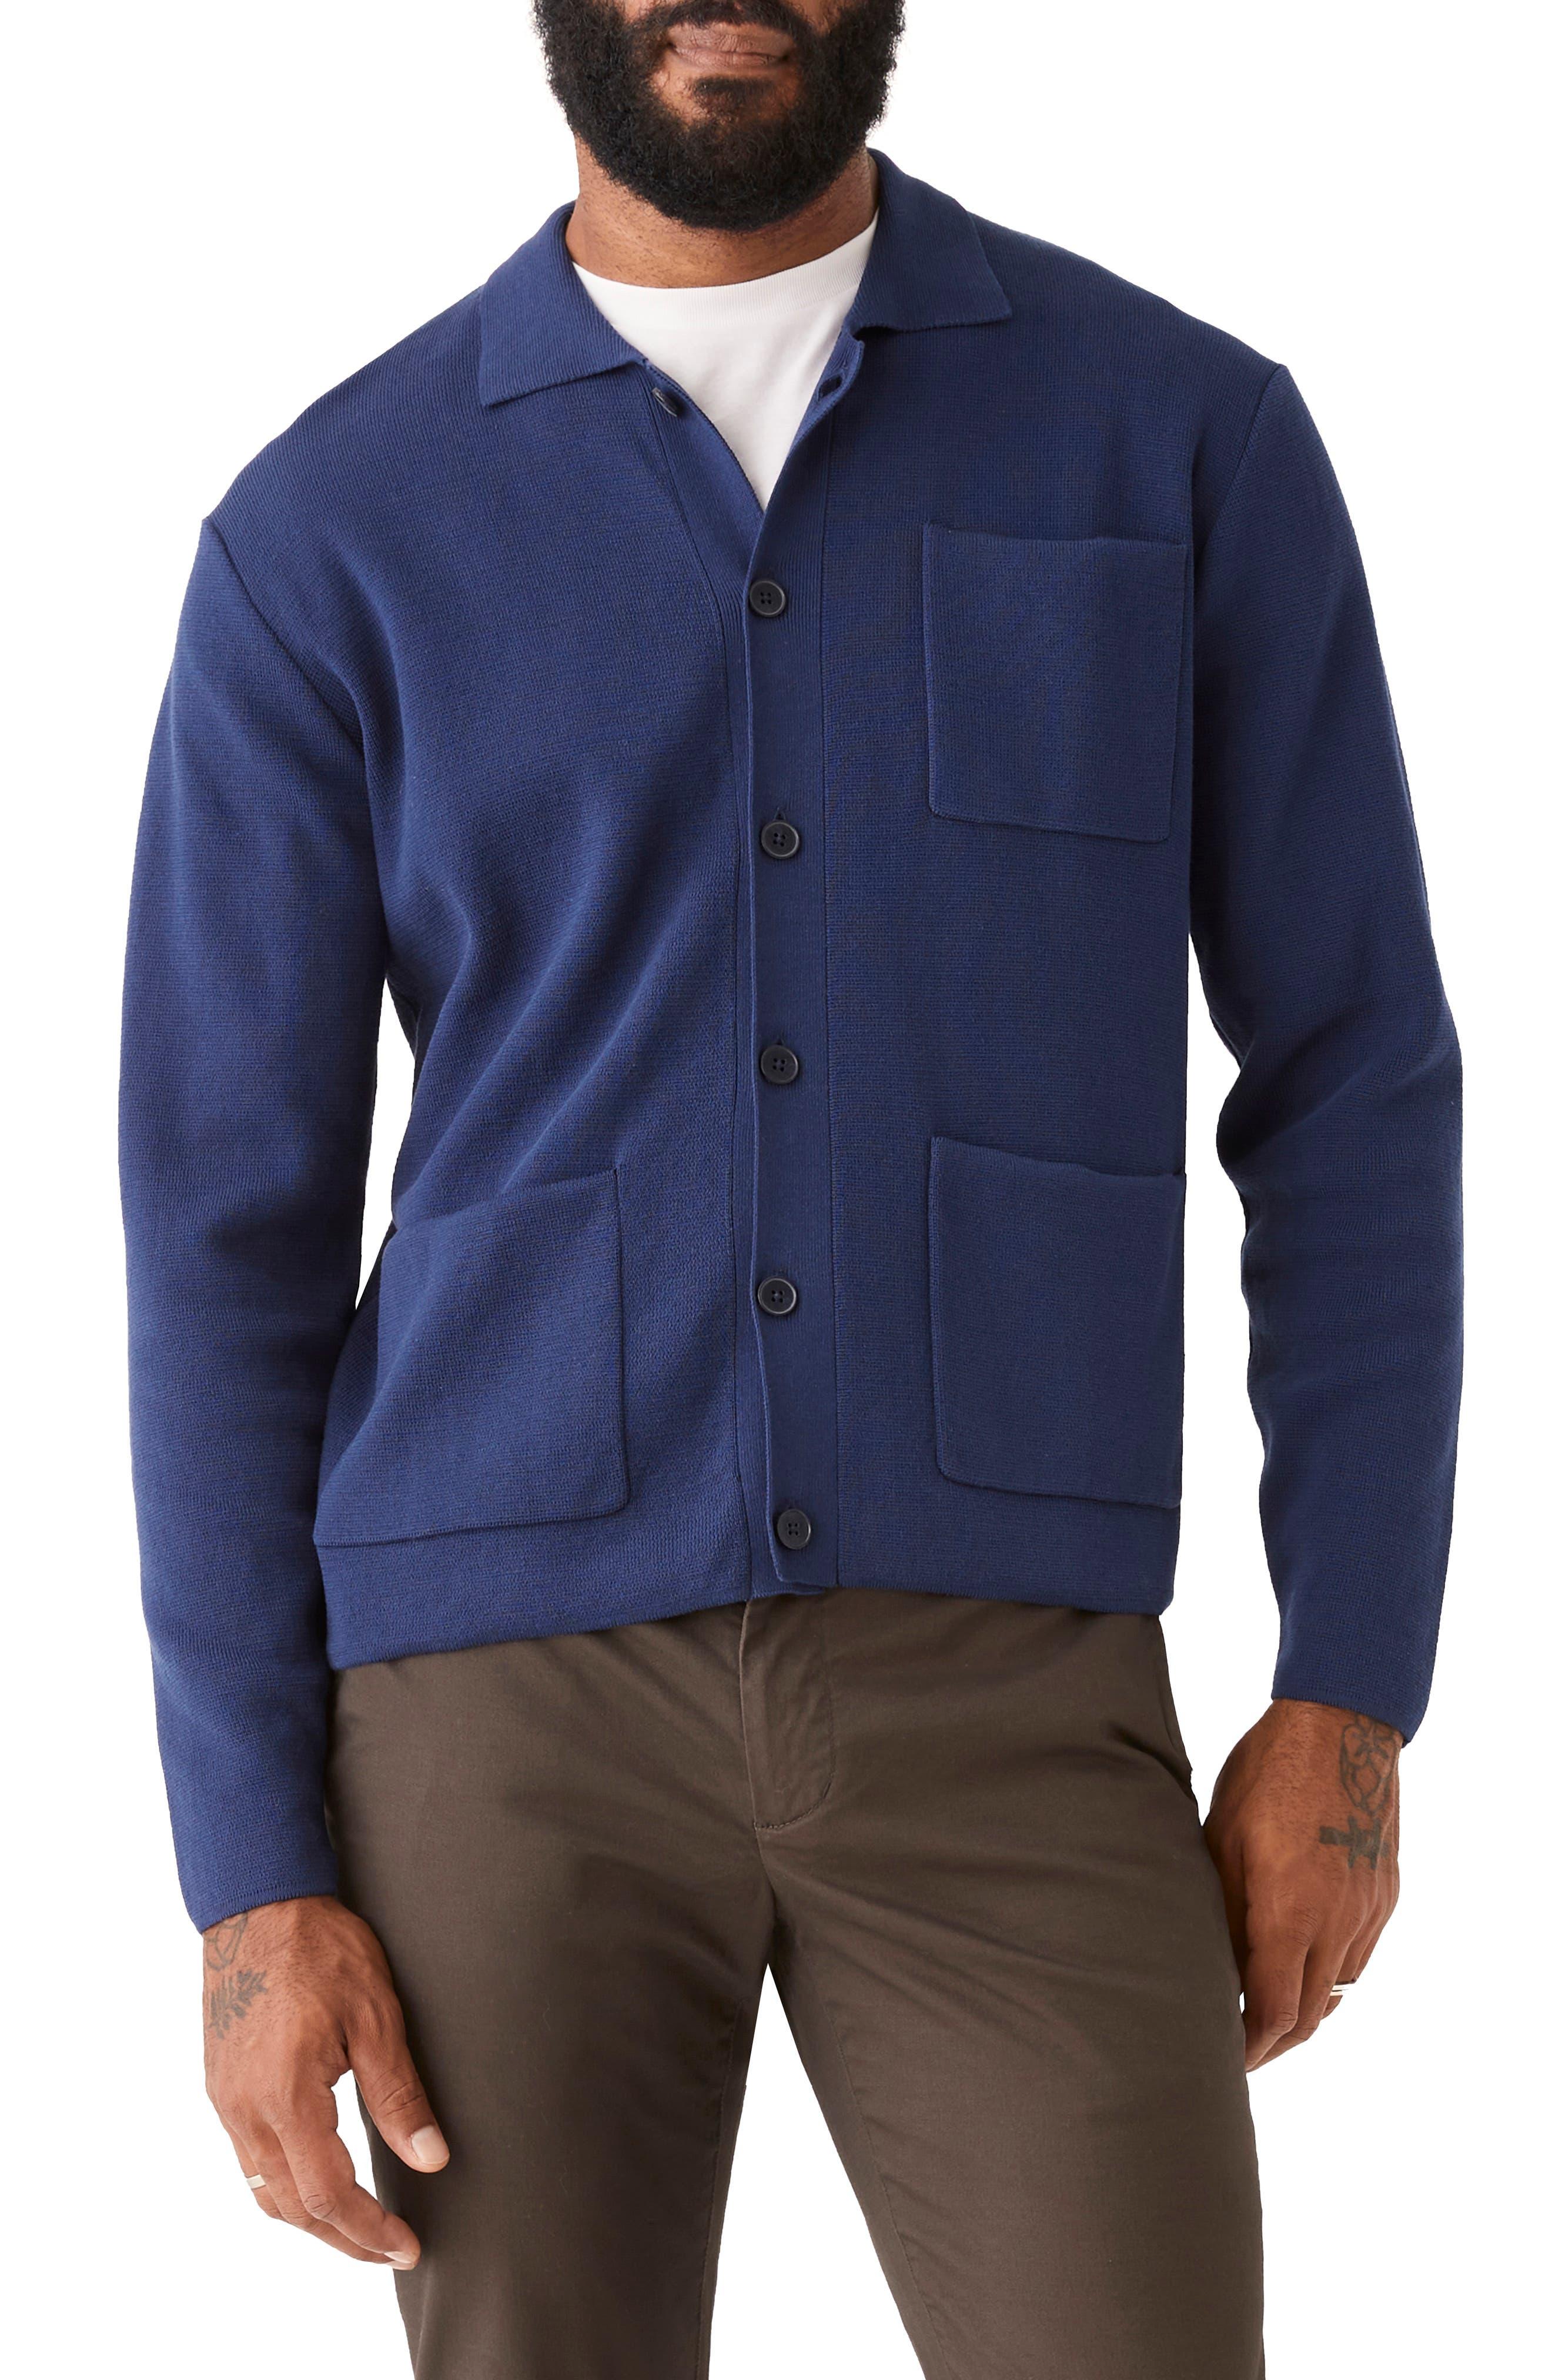 Mercerized Cotton Chore Jacket